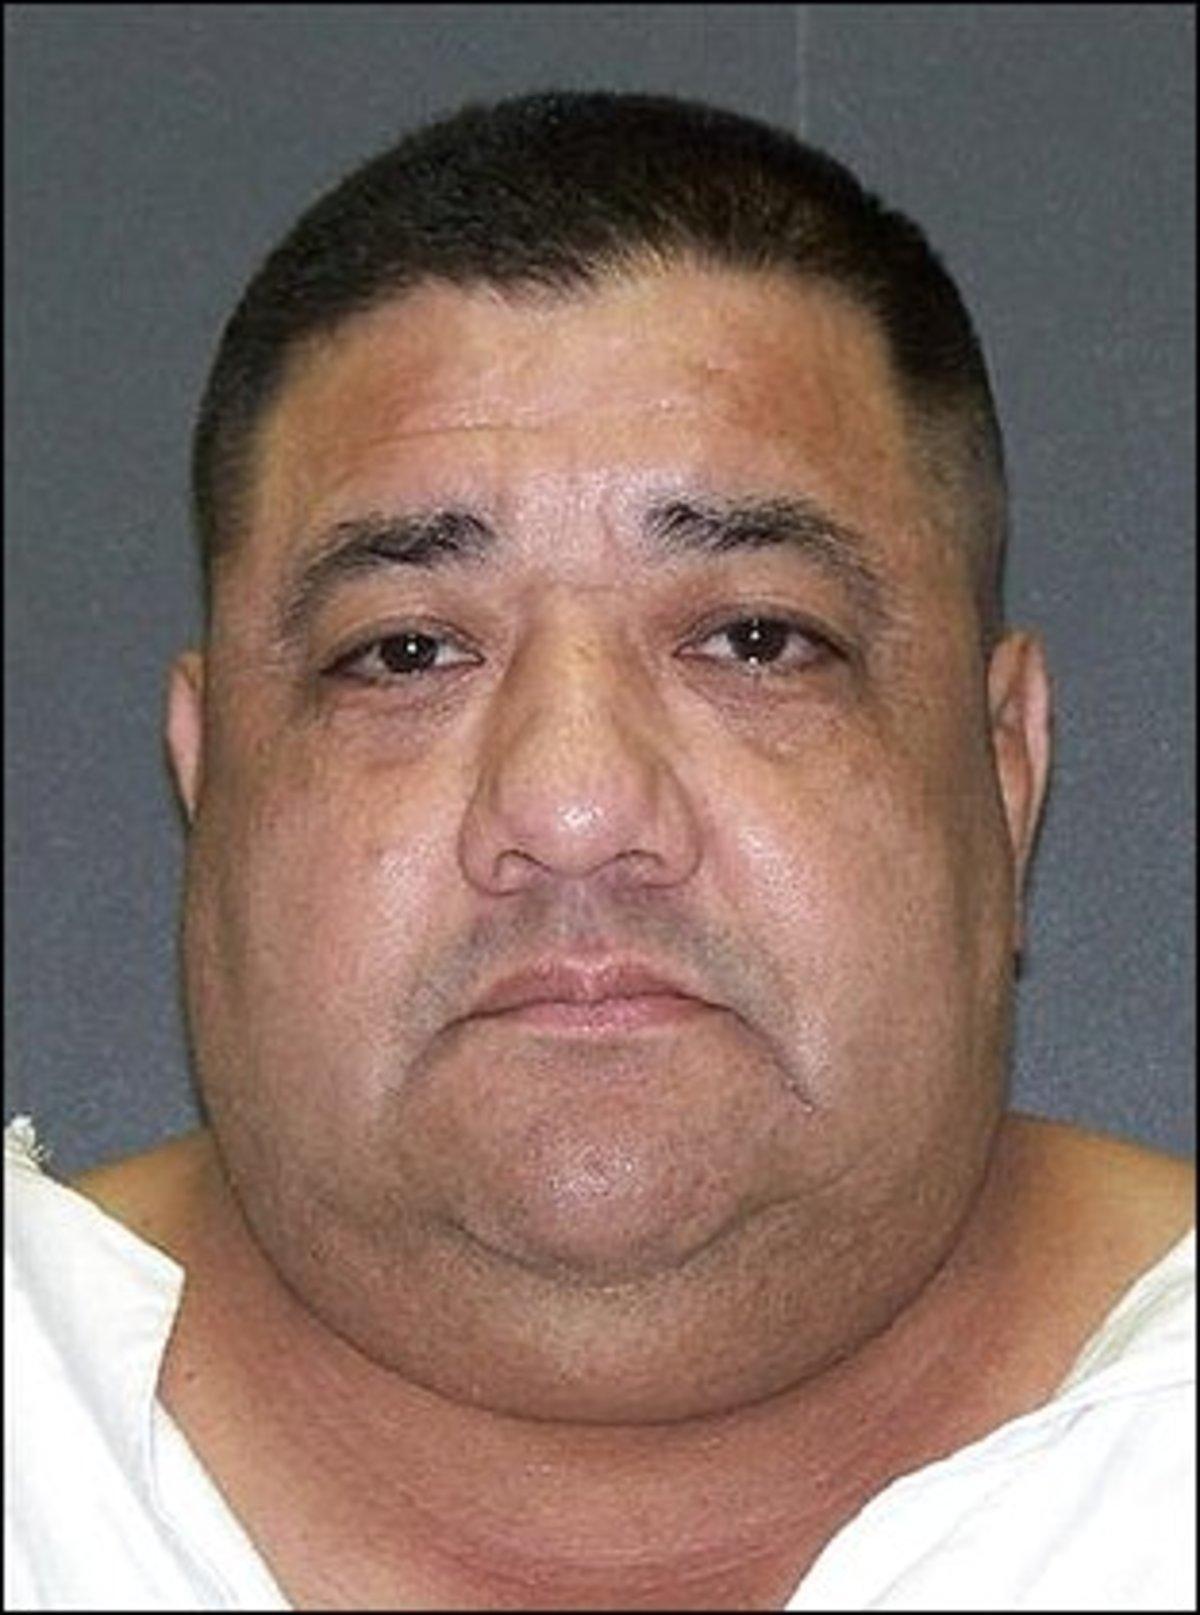 Εκτελέστηκε ο 11ος θανατοποινίτης στο Τέξας | Newsit.gr